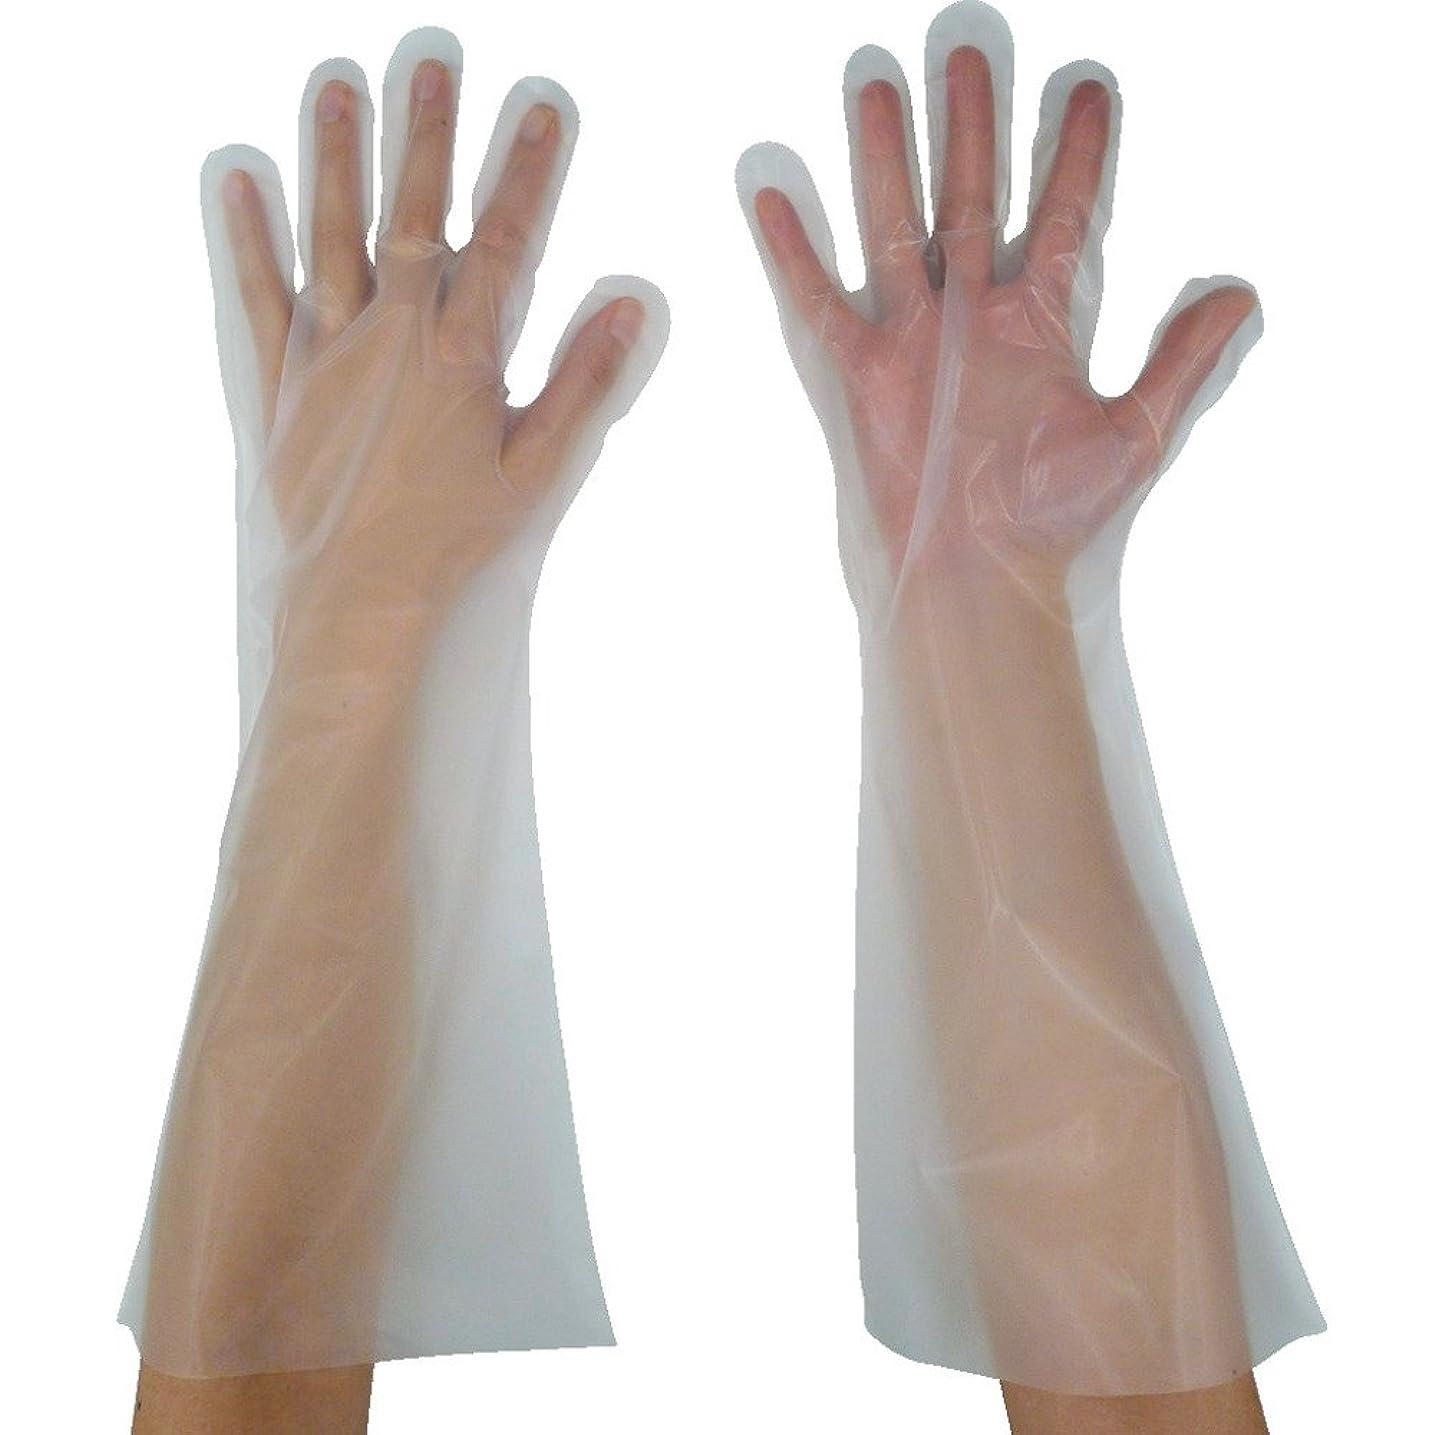 期待して補う麻酔薬東京パック 緊急災害対策用手袋ロング五本絞りM 半透明 KL-M ポリエチレン使い捨て手袋